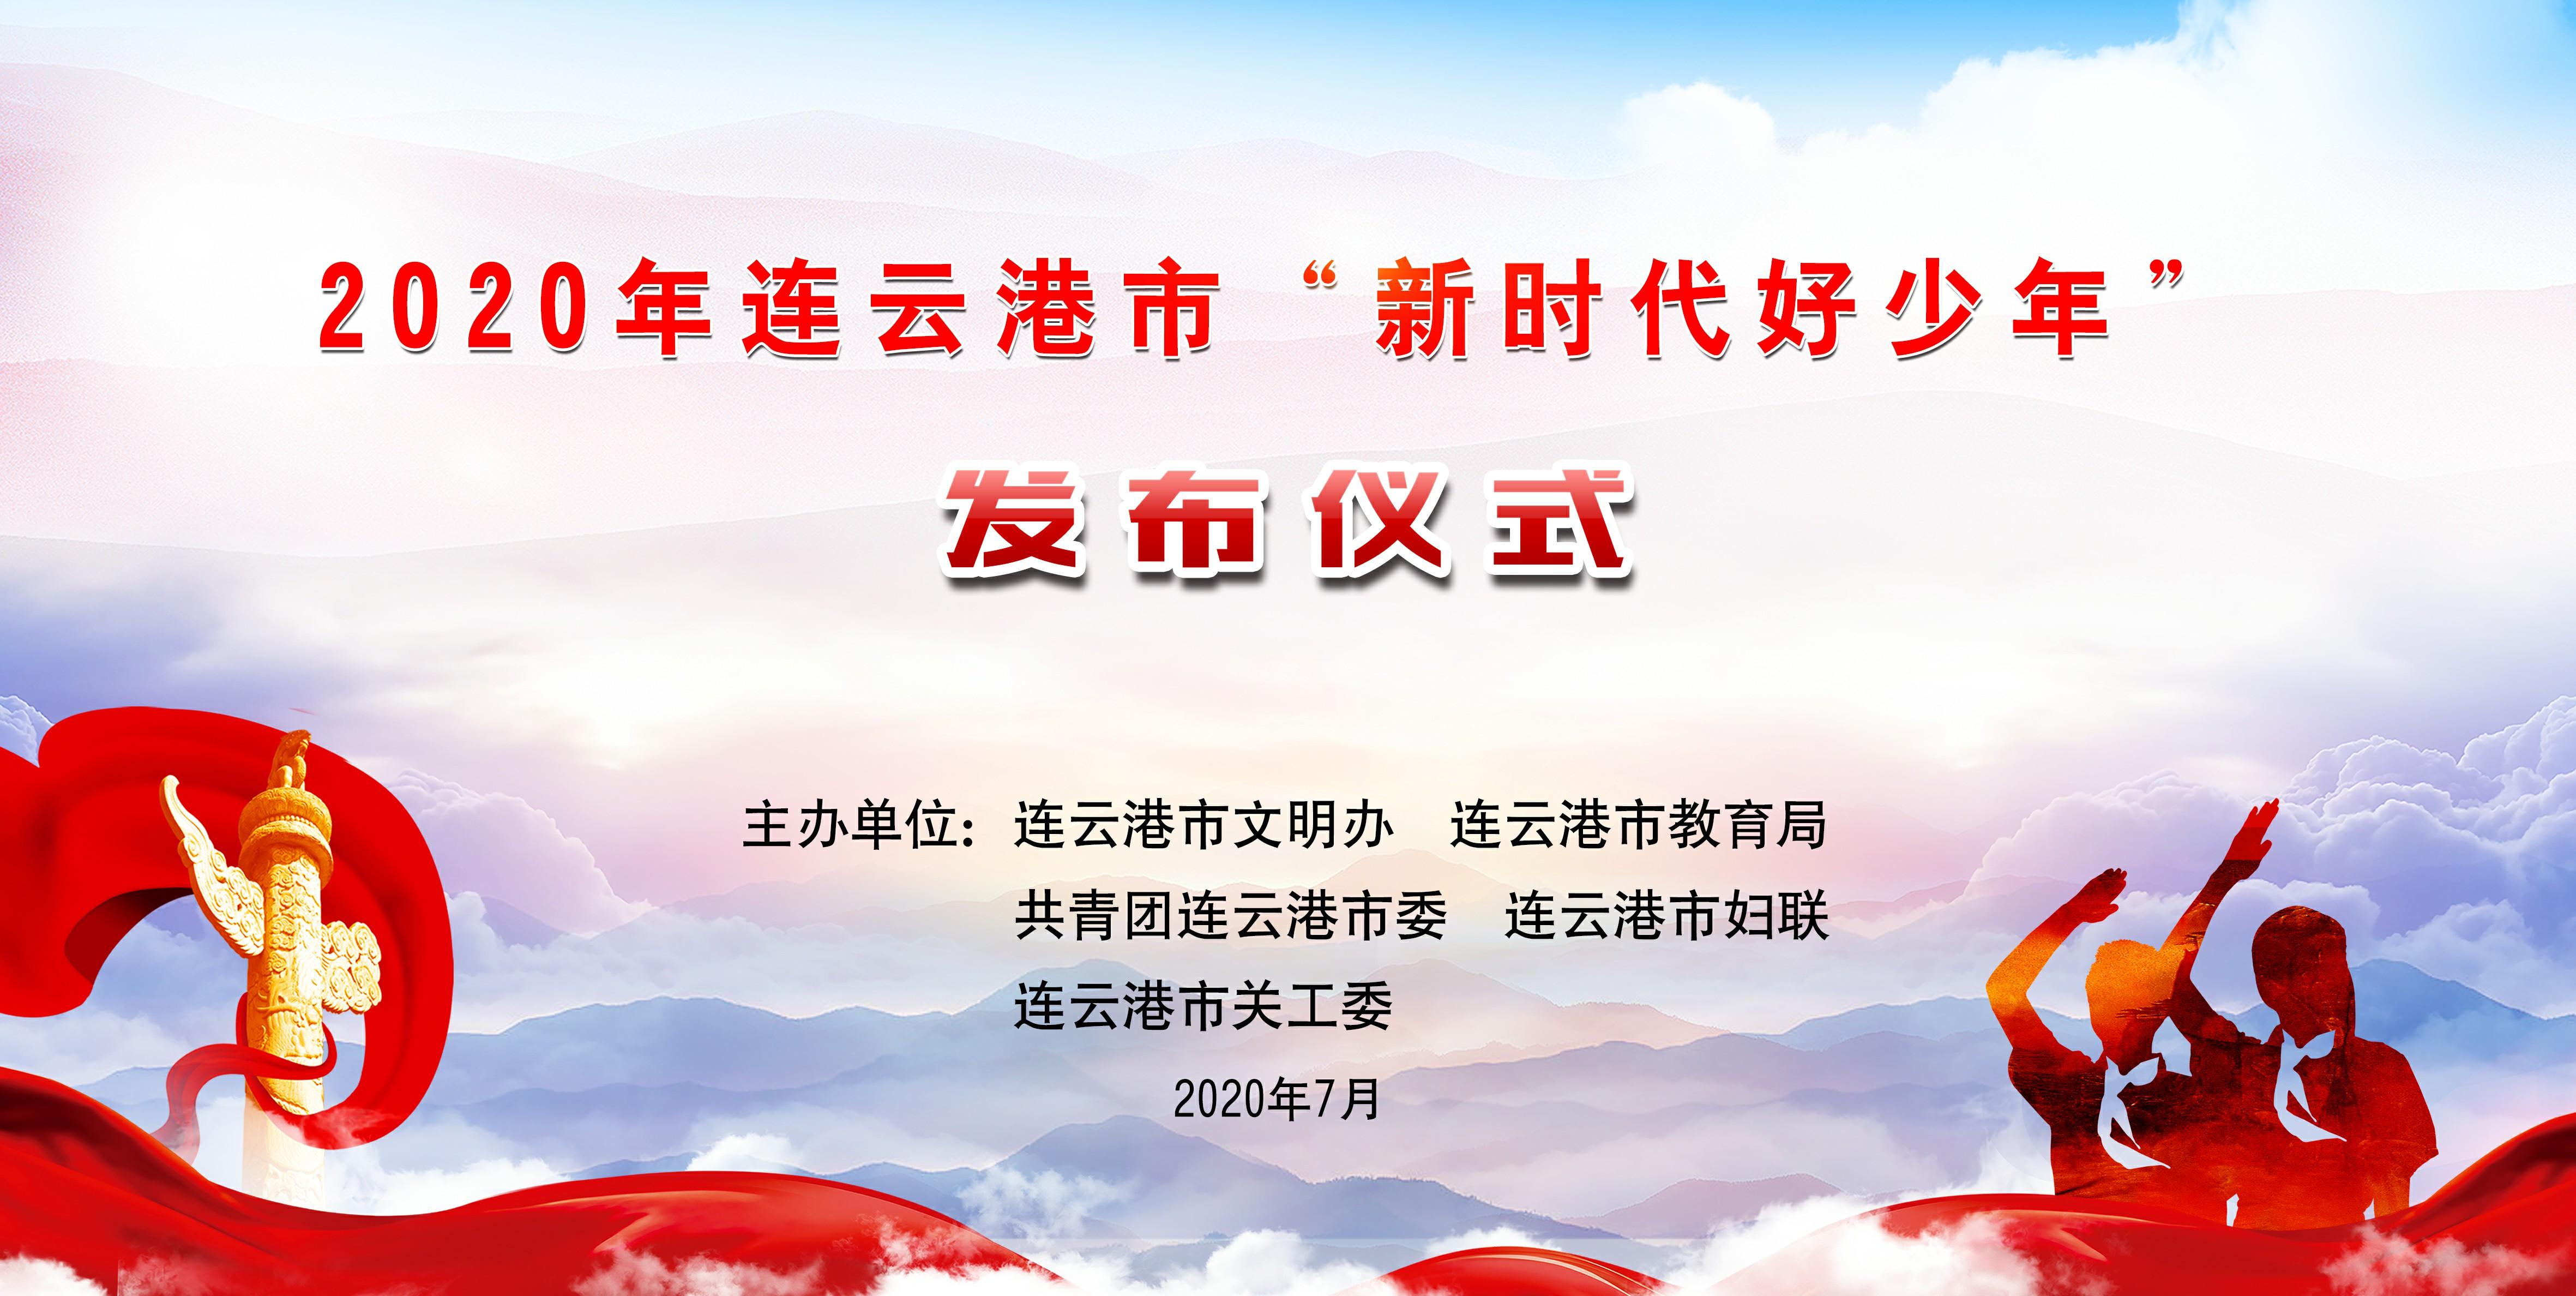 """2020年连云港市""""新时代好少年""""先进事迹发布"""